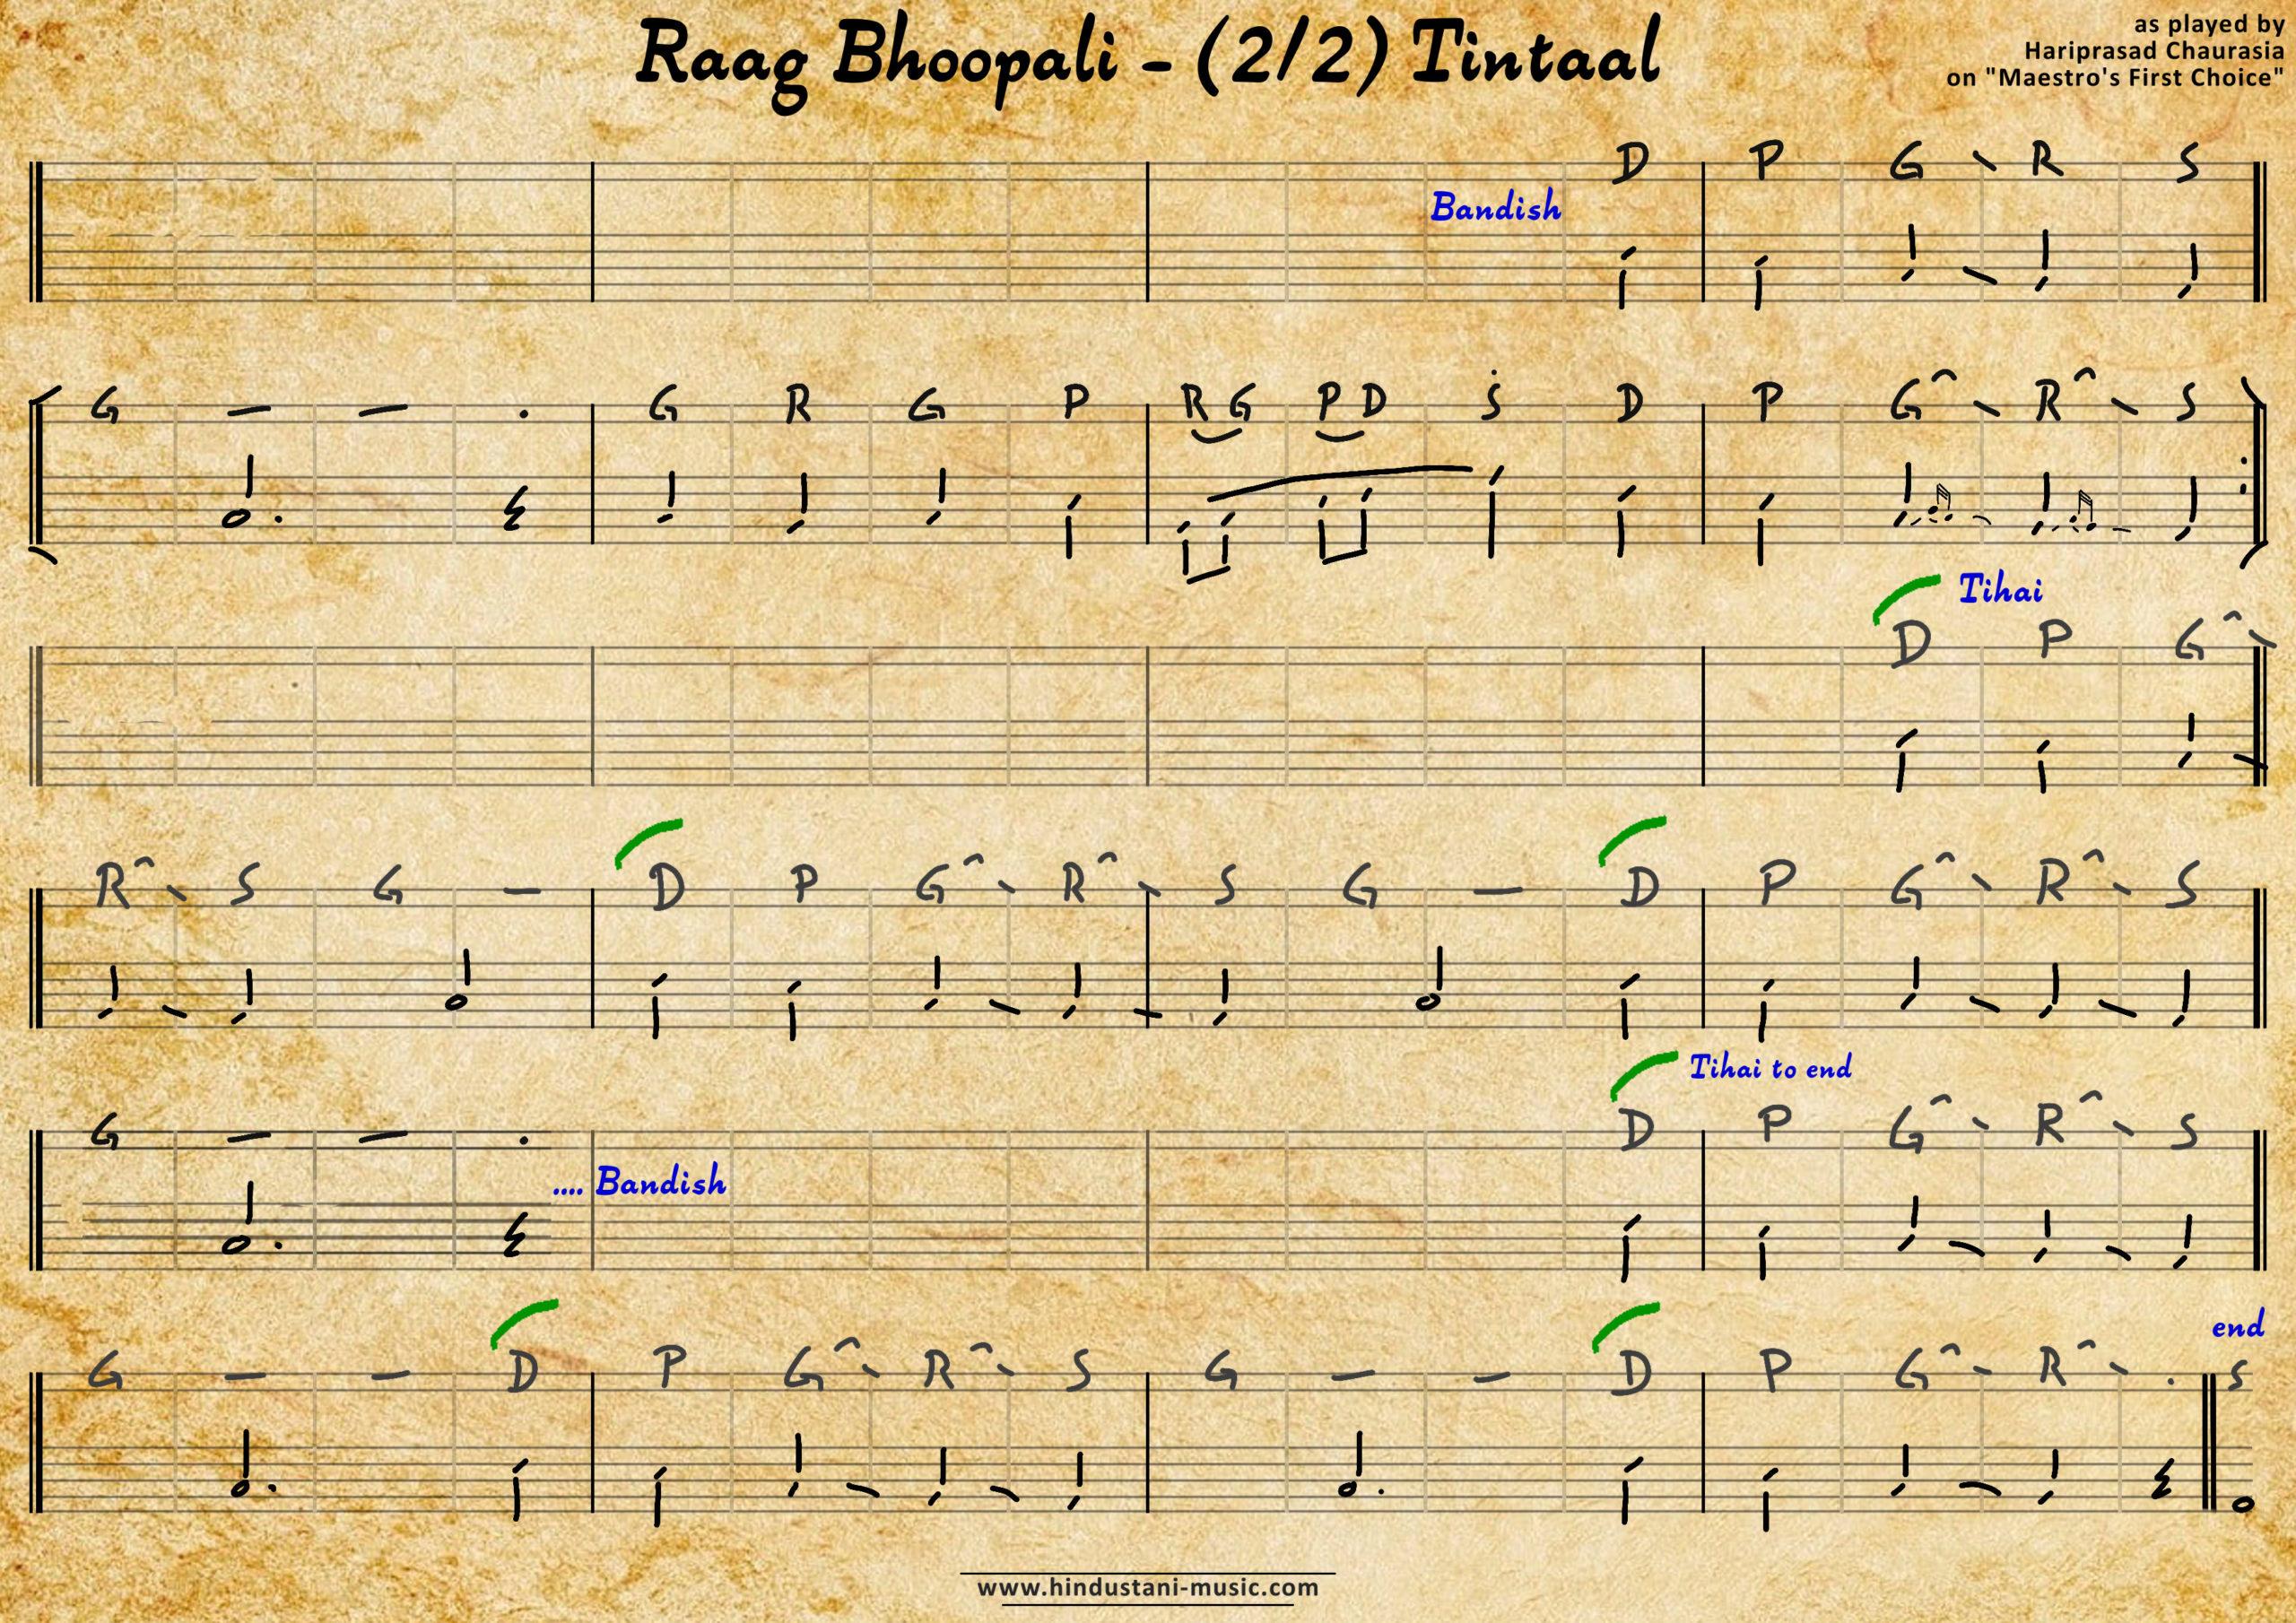 Bhoopali - Hariprasad Chaurasia FirstChoice - 2 Tintaal